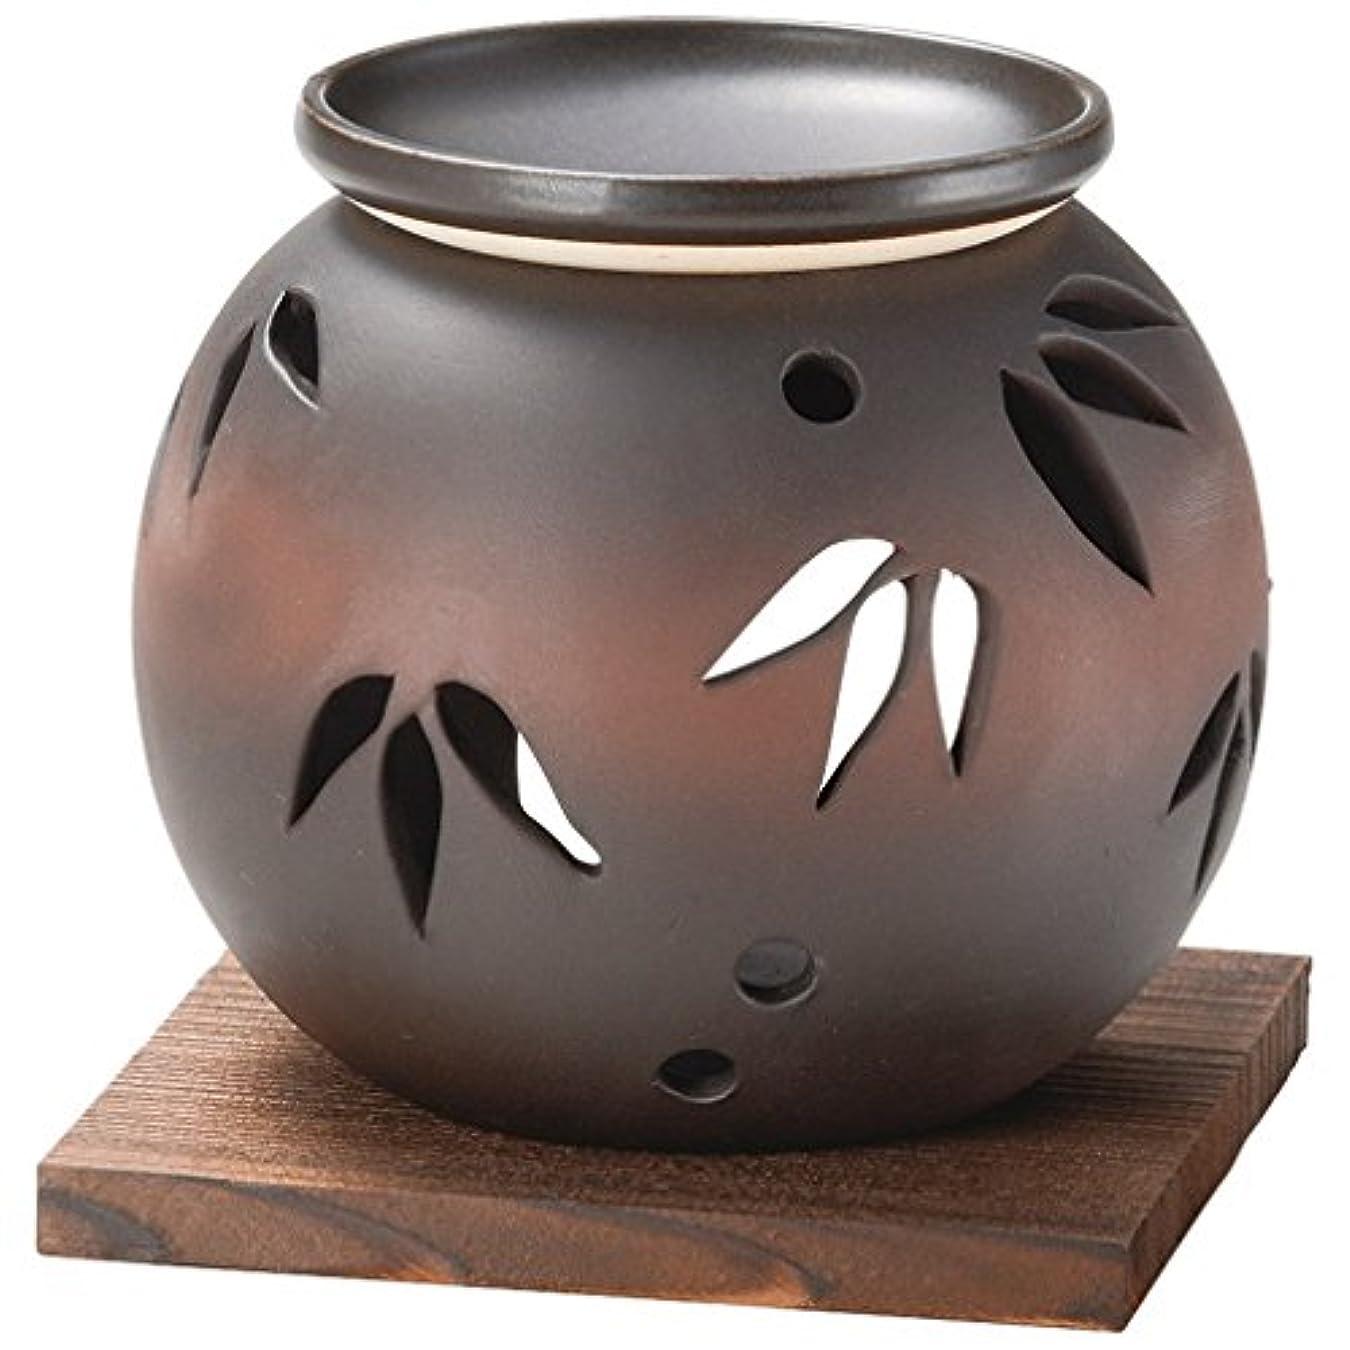 機知に富んだホステルスピリチュアル山下工芸 常滑焼 茶窯変笹透かし茶香炉 11×11.5×11.5cm 13045620